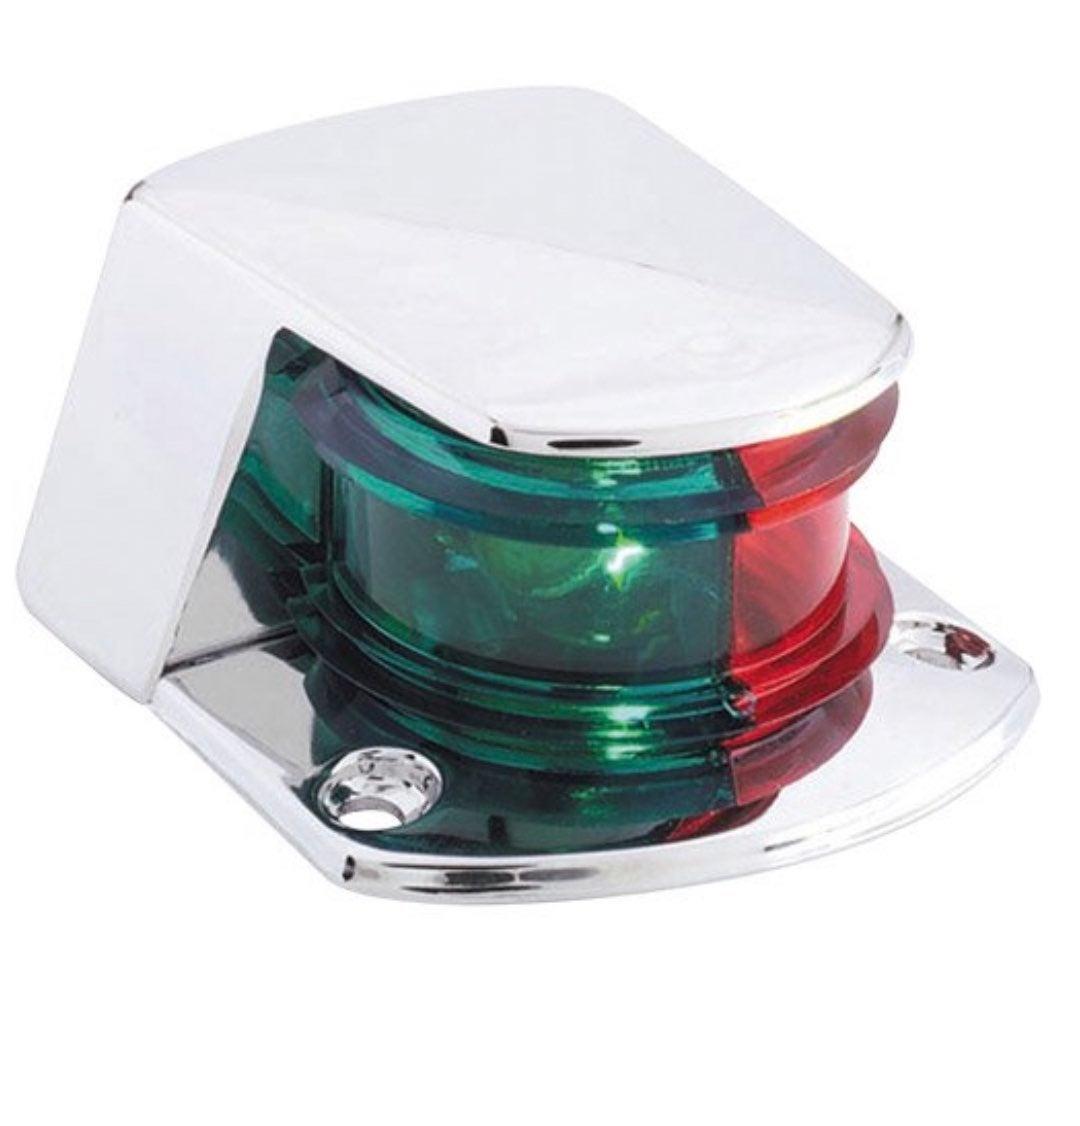 Attwood Boat Bi-Color Bow Light 6375D6